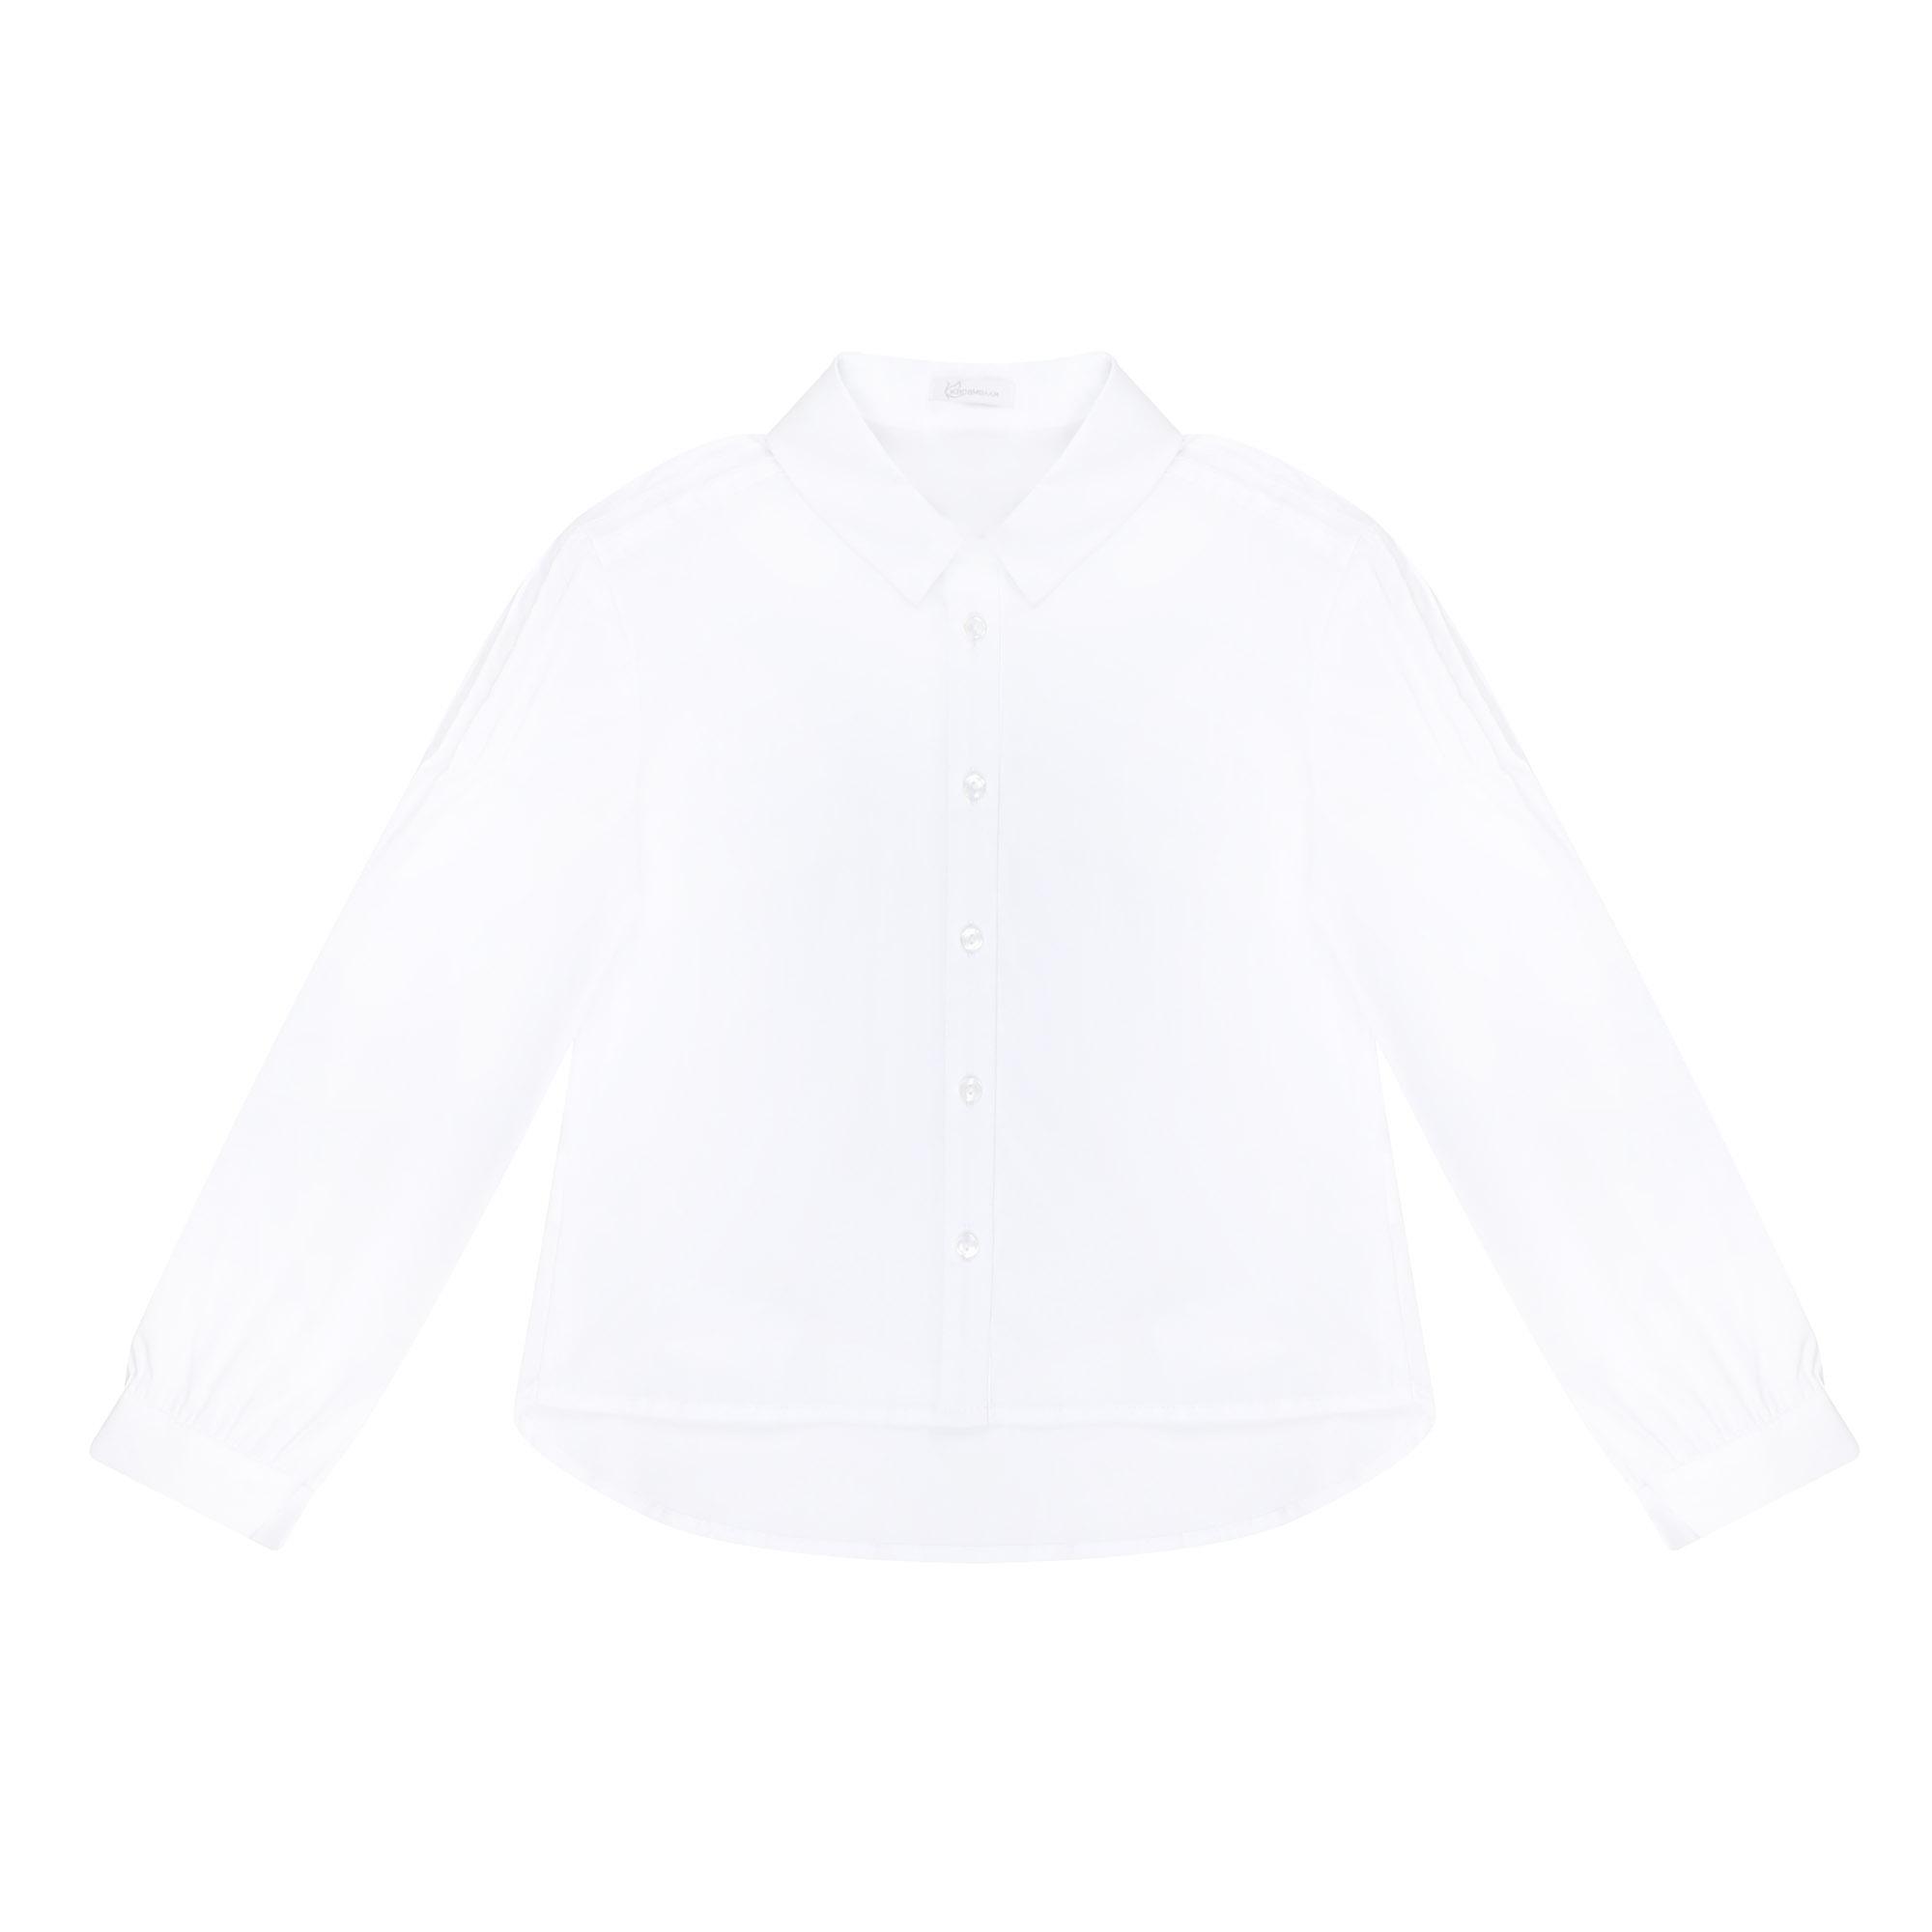 Купить Блузка школьная КАРАМЕЛЛИ О74271 белая 128, Белый, Для девочек, Всесезонный,